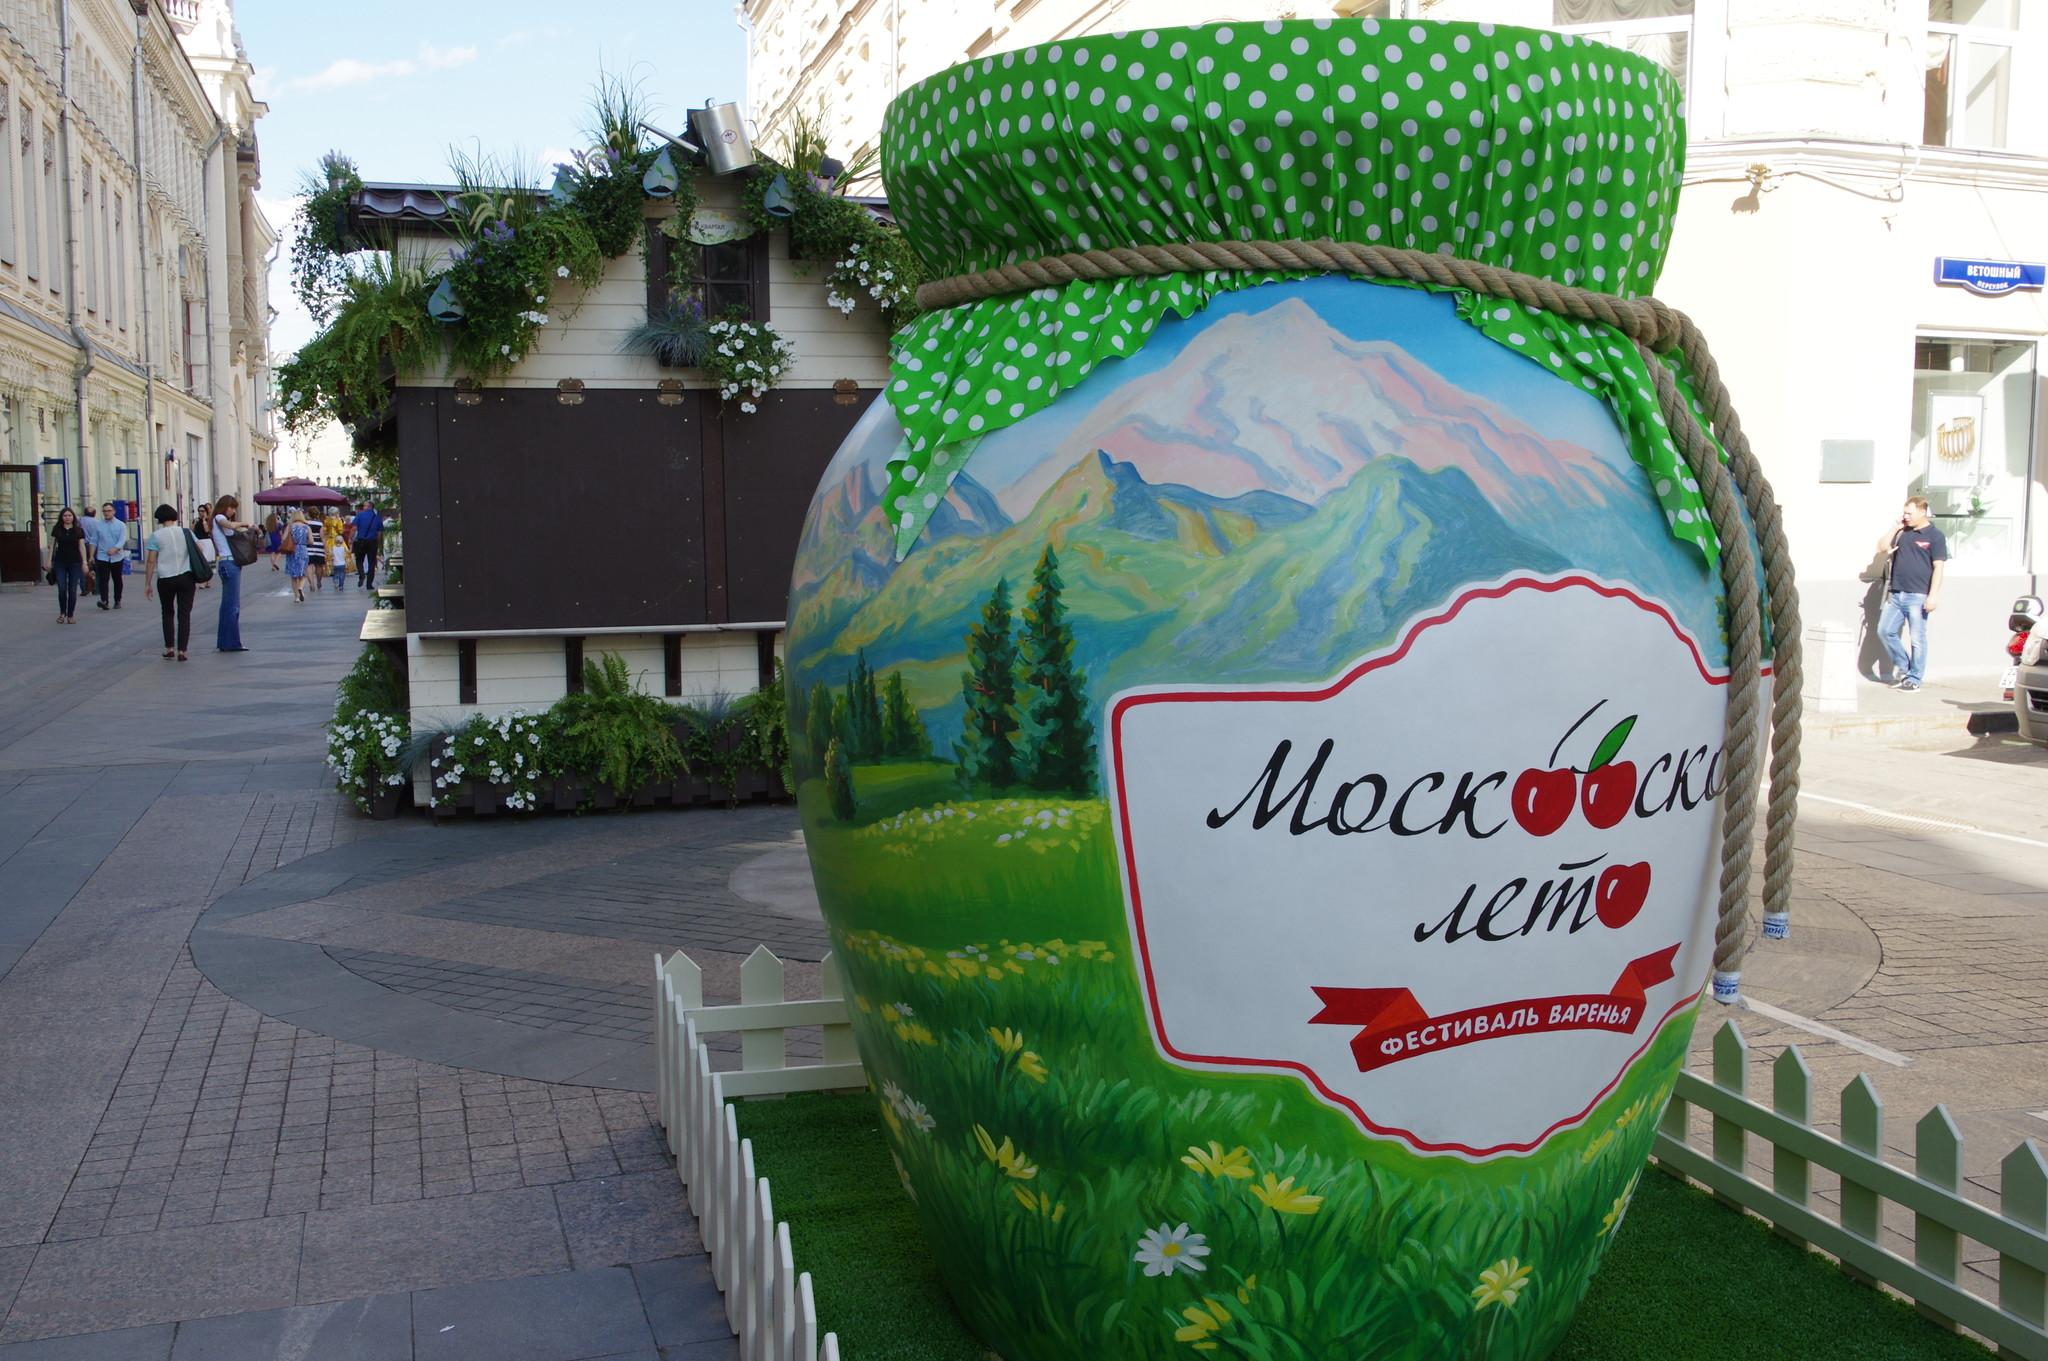 Второй фестиваль варенья пройдёт в Москве с 13 по 23 августа